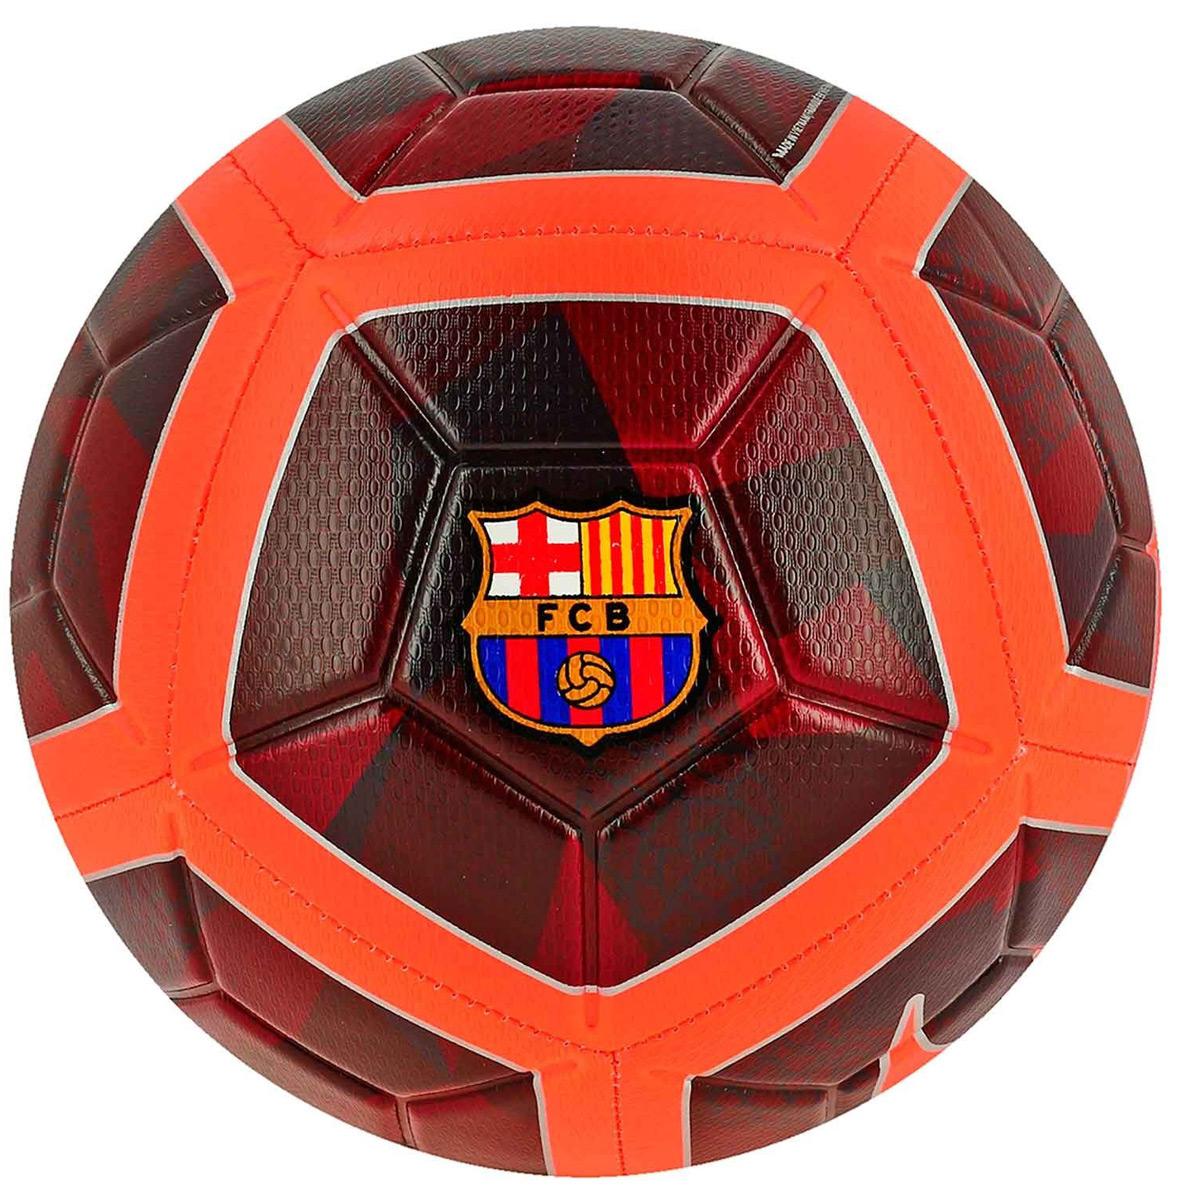 Мяч футбольный Nike Unisex FC Barcelona Strike Football. Размер 4SC3280-681Unisex FC Barcelona Strike Football ФУТБОЛ КАЖДЫЙ ДЕНЬ С ИДЕАЛЬНОЙ ЭКИПИРОВКОЙ. Футбольный мяч унисекс FC Barcelona Strike идеально подходит для ежедневных игр. Благодаря графике Visual Power его легко отслеживать на поле, а укрепленная резиновая камера обеспечивает упругость и сохранение формы. С графикой Visual Power ты увидишь мяч быстрее и отреагируешь вовремя. Текстурированное покрытие для превосходного касания. Желобки Nike Aerotrac для точной траектории полета мяча.Конструкция из 12 панелей для точной траектории полета.